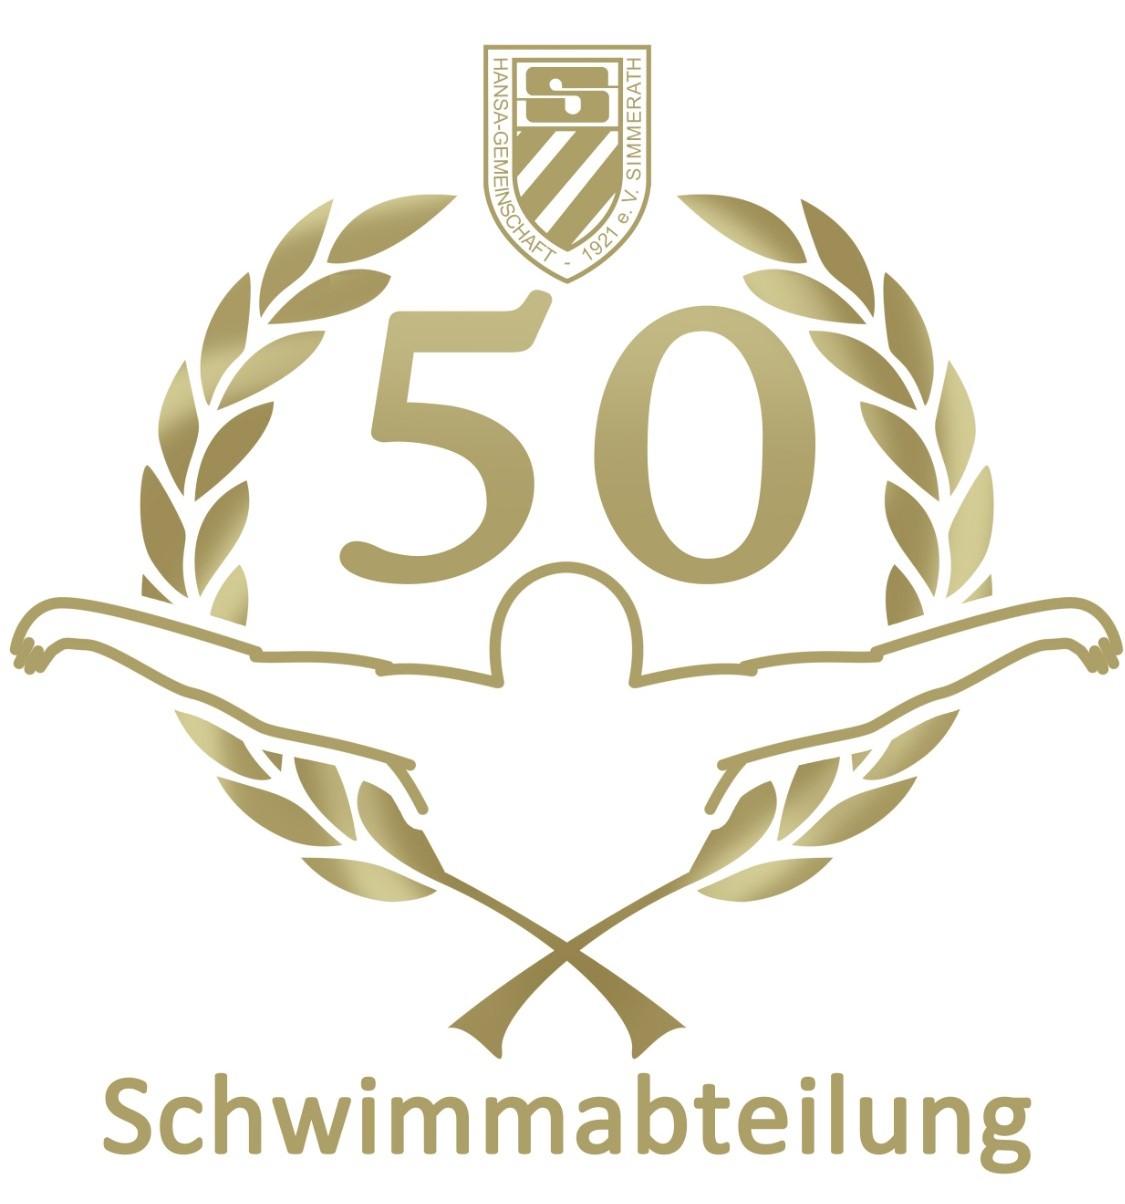 50 Jahre Schwimmabteilung